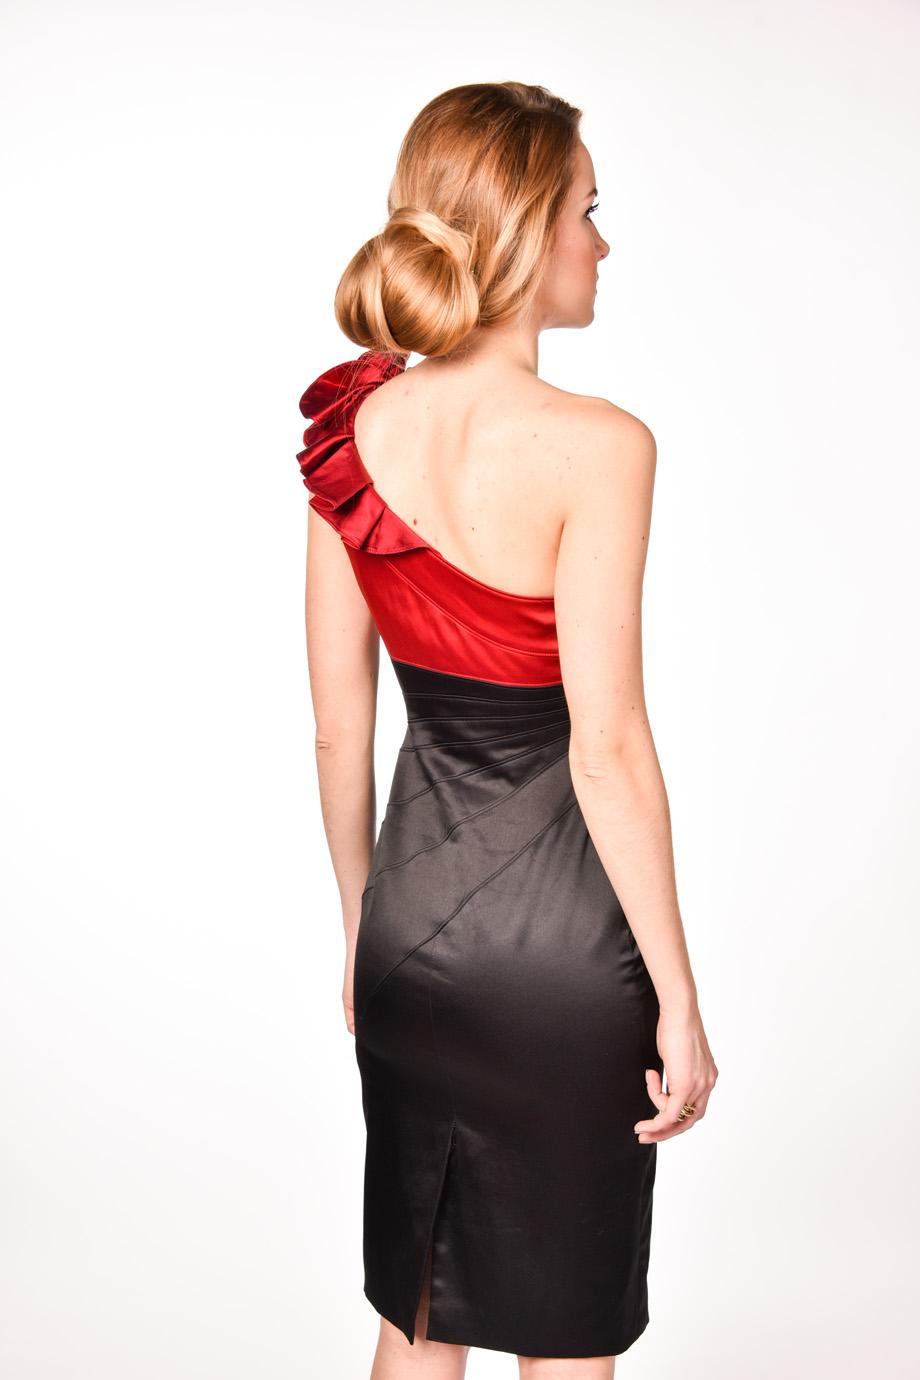 79377ffb90f0 obrázok 2 Karen Millen čierne šaty s kvetom na jedno rameno